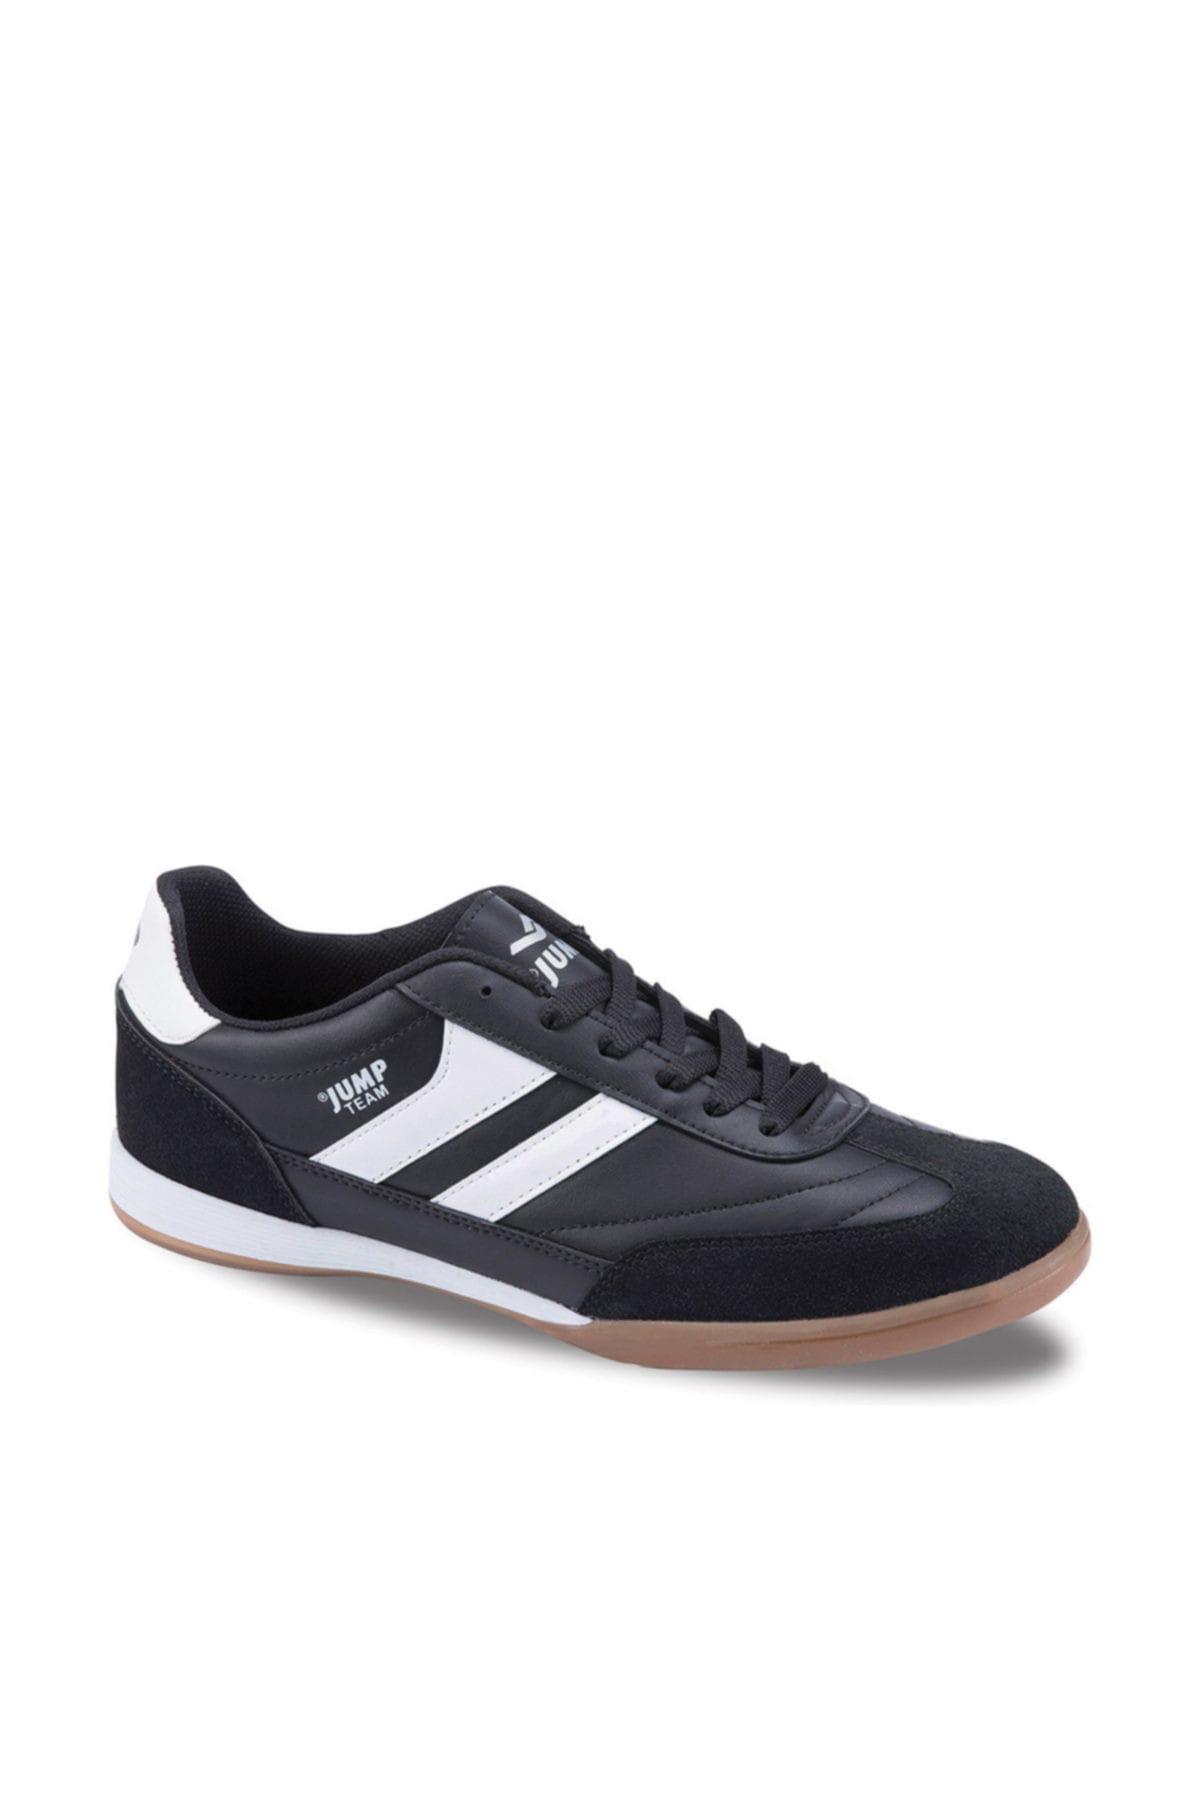 کفش والیبال مدل 2021 برند Jump رنگ مشکی کد ty6939944